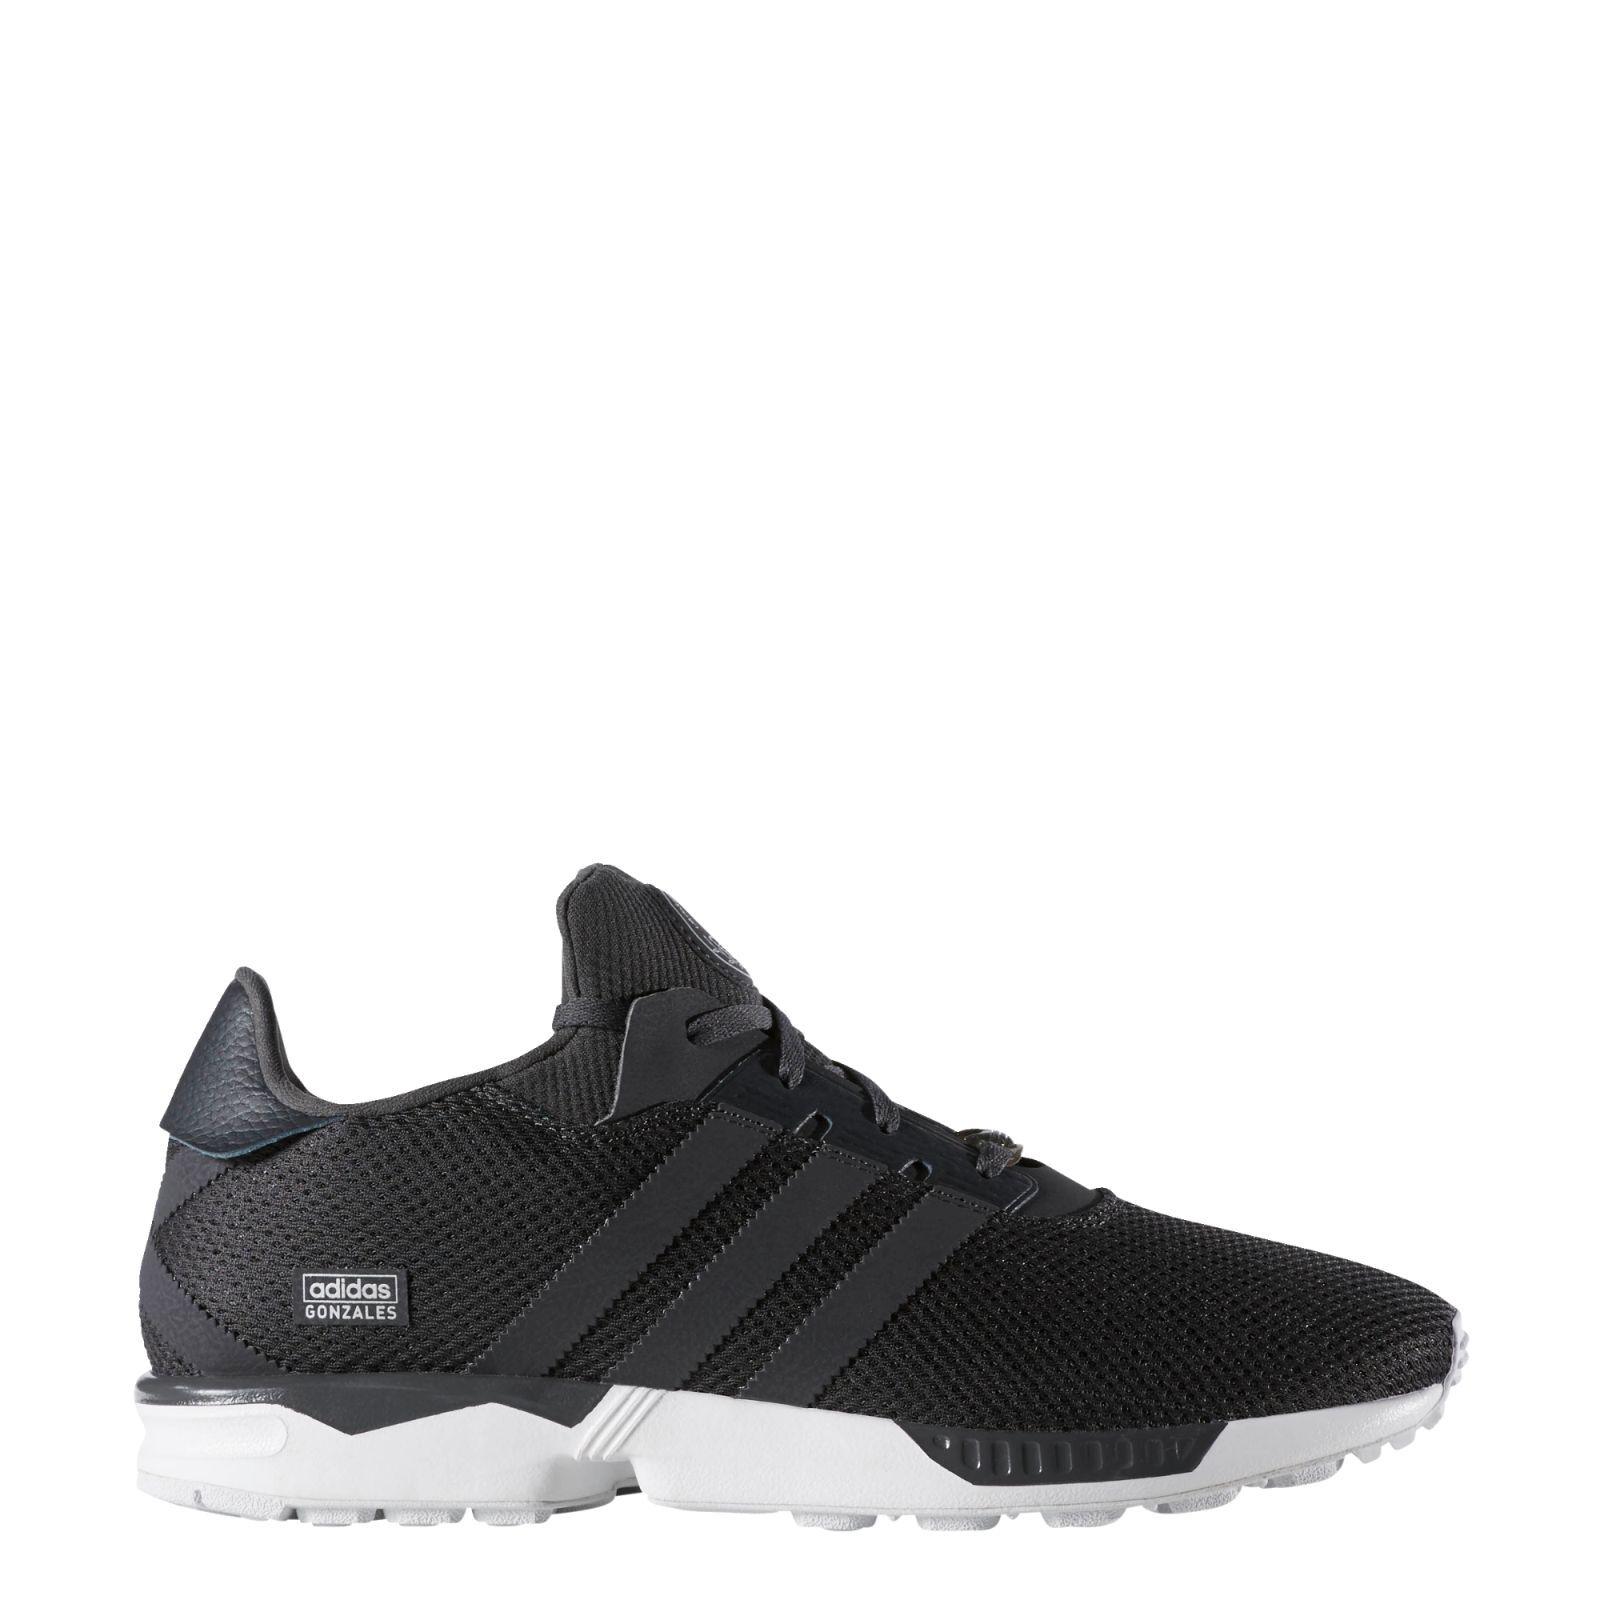 adidas Turnschuhe F37505 ZX GONZ Black schwarz Schnürschuhe Herrenschuh NEU SALE